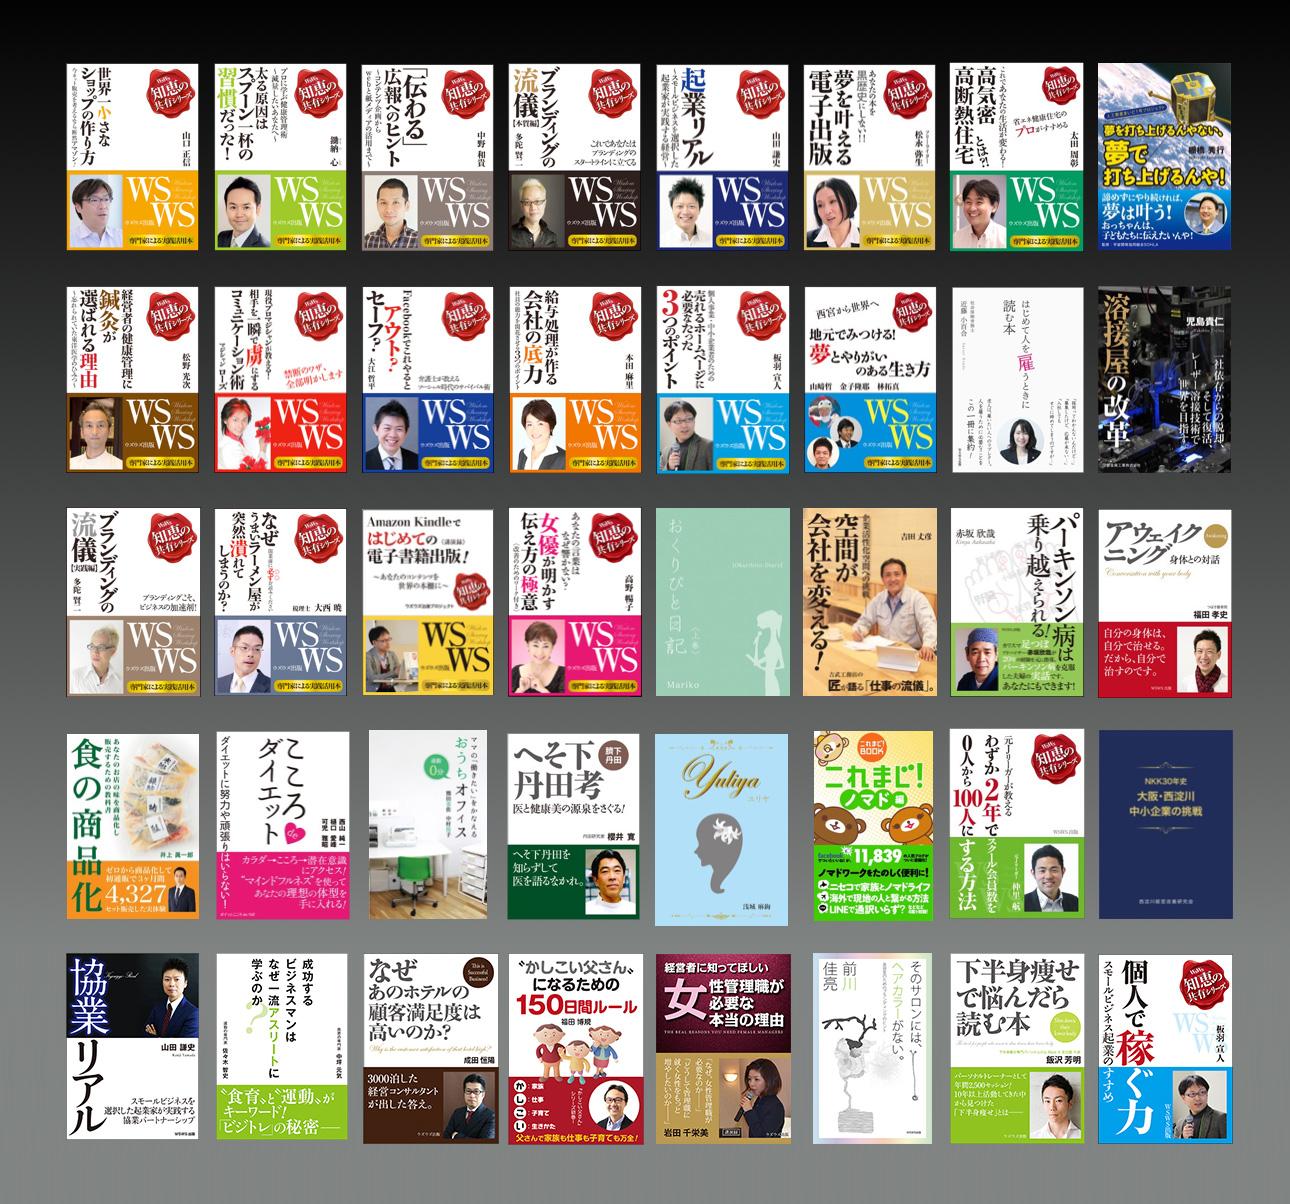 ビジネス活用のための電子書籍出版セミナー〜実践者から聞く電子書籍活用ノウハウ〜(オンライン受講あり)